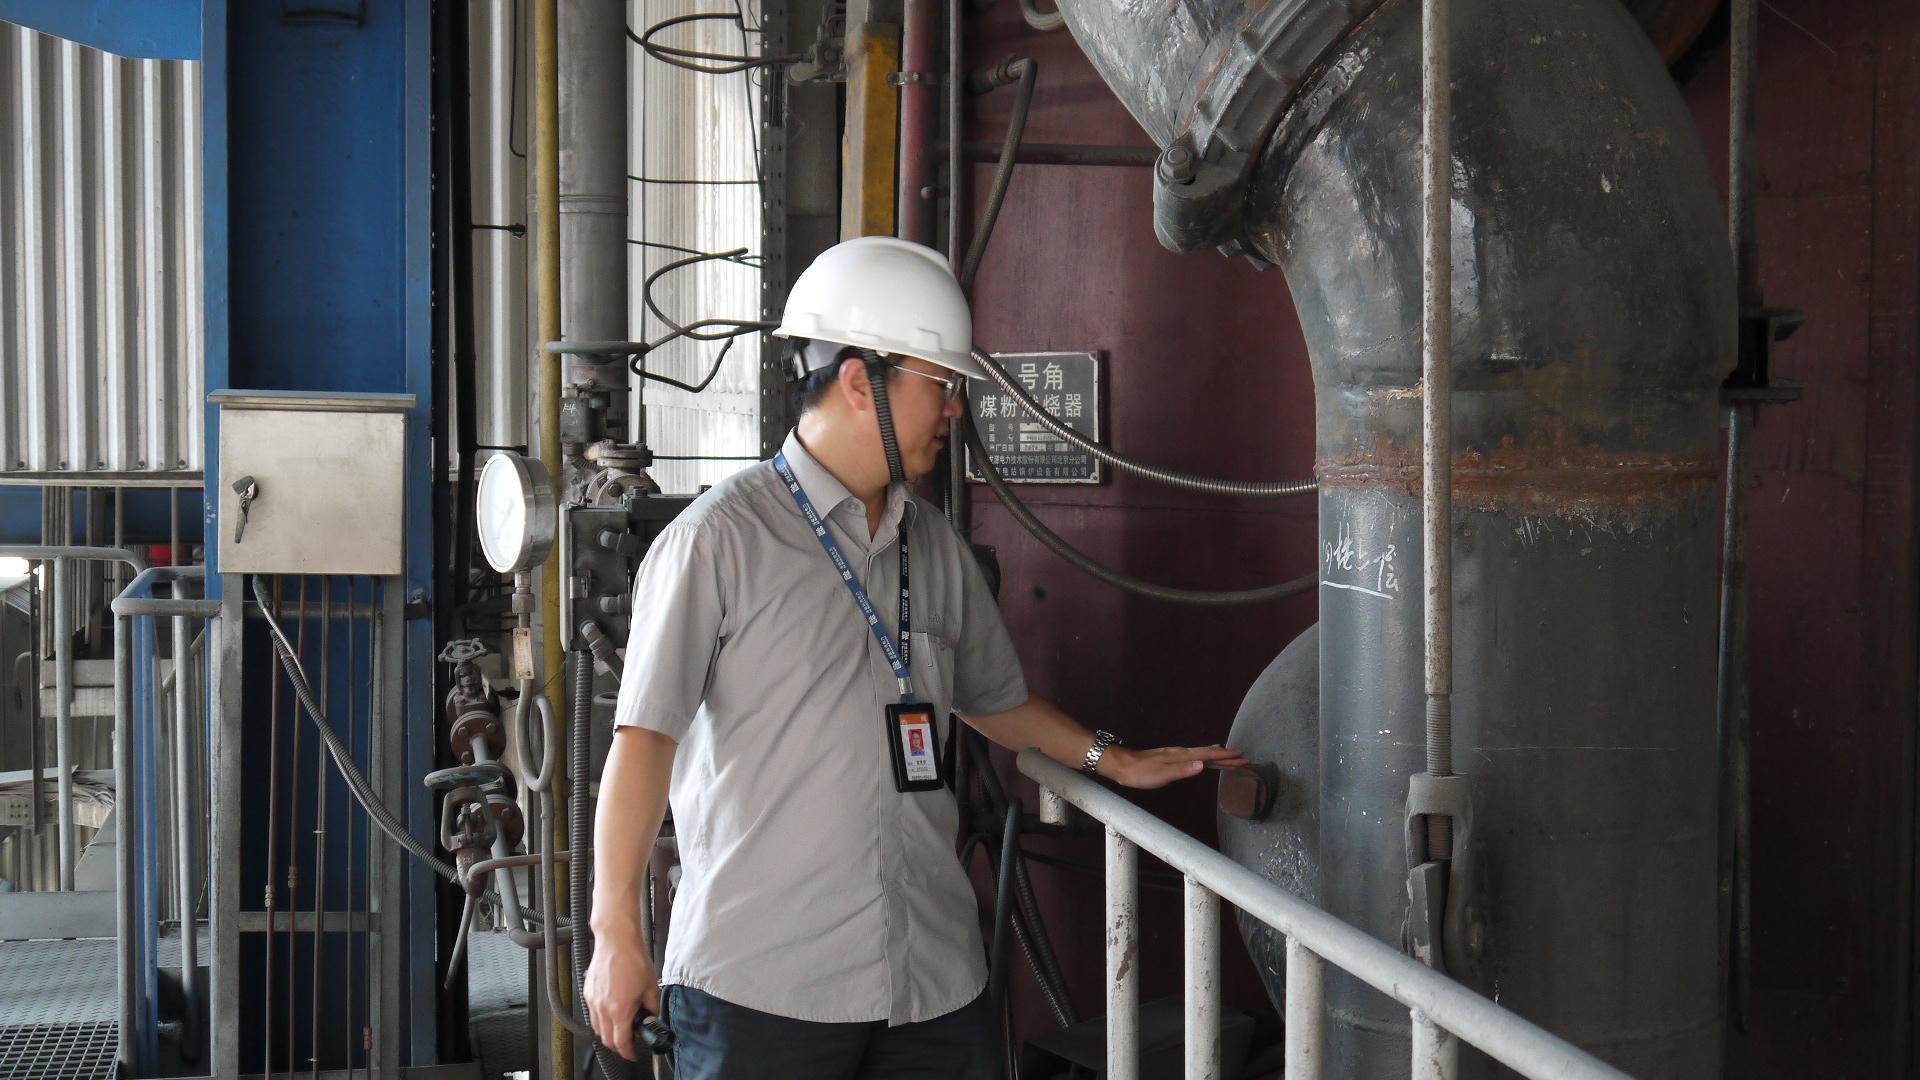 深圳妈湾电力有限企业高亮明先进事迹